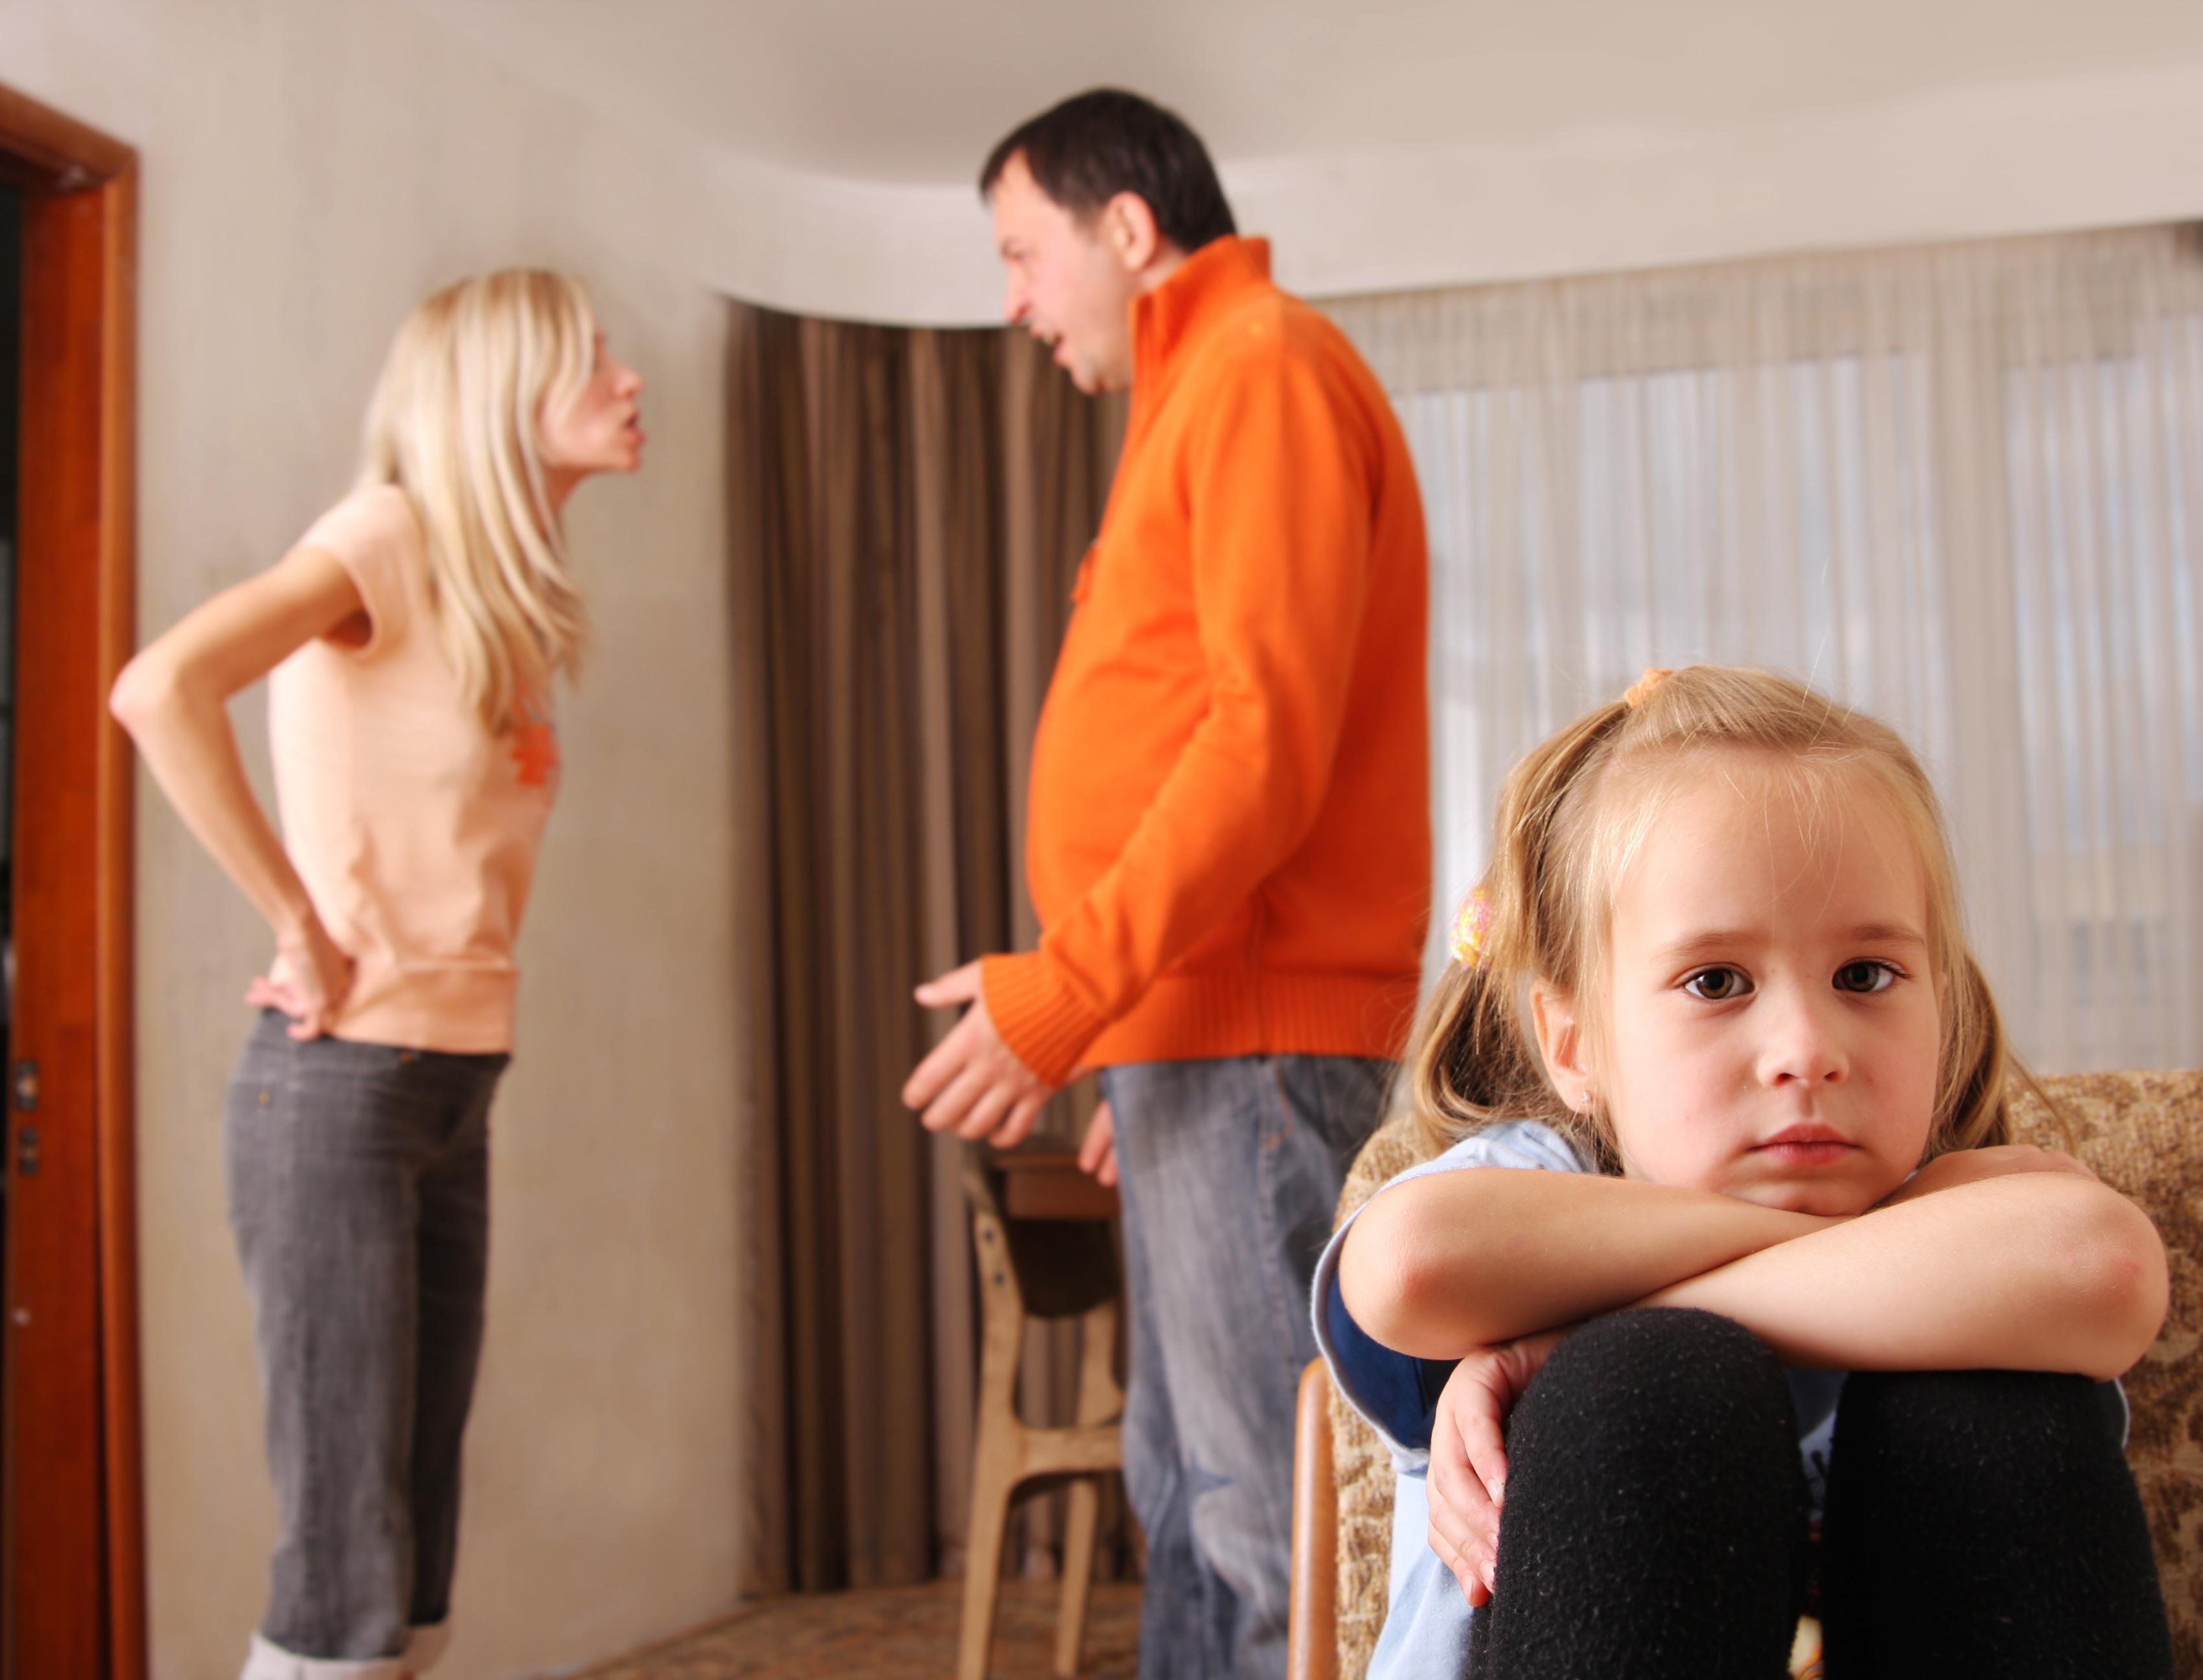 Çocuk Gelişiminde Anne-Baba Tutumu Ve Çocuk Üzerindeki Etkileri, İLK EVİN - Özel Eğitim ve Rehabilitasyon Merkezi